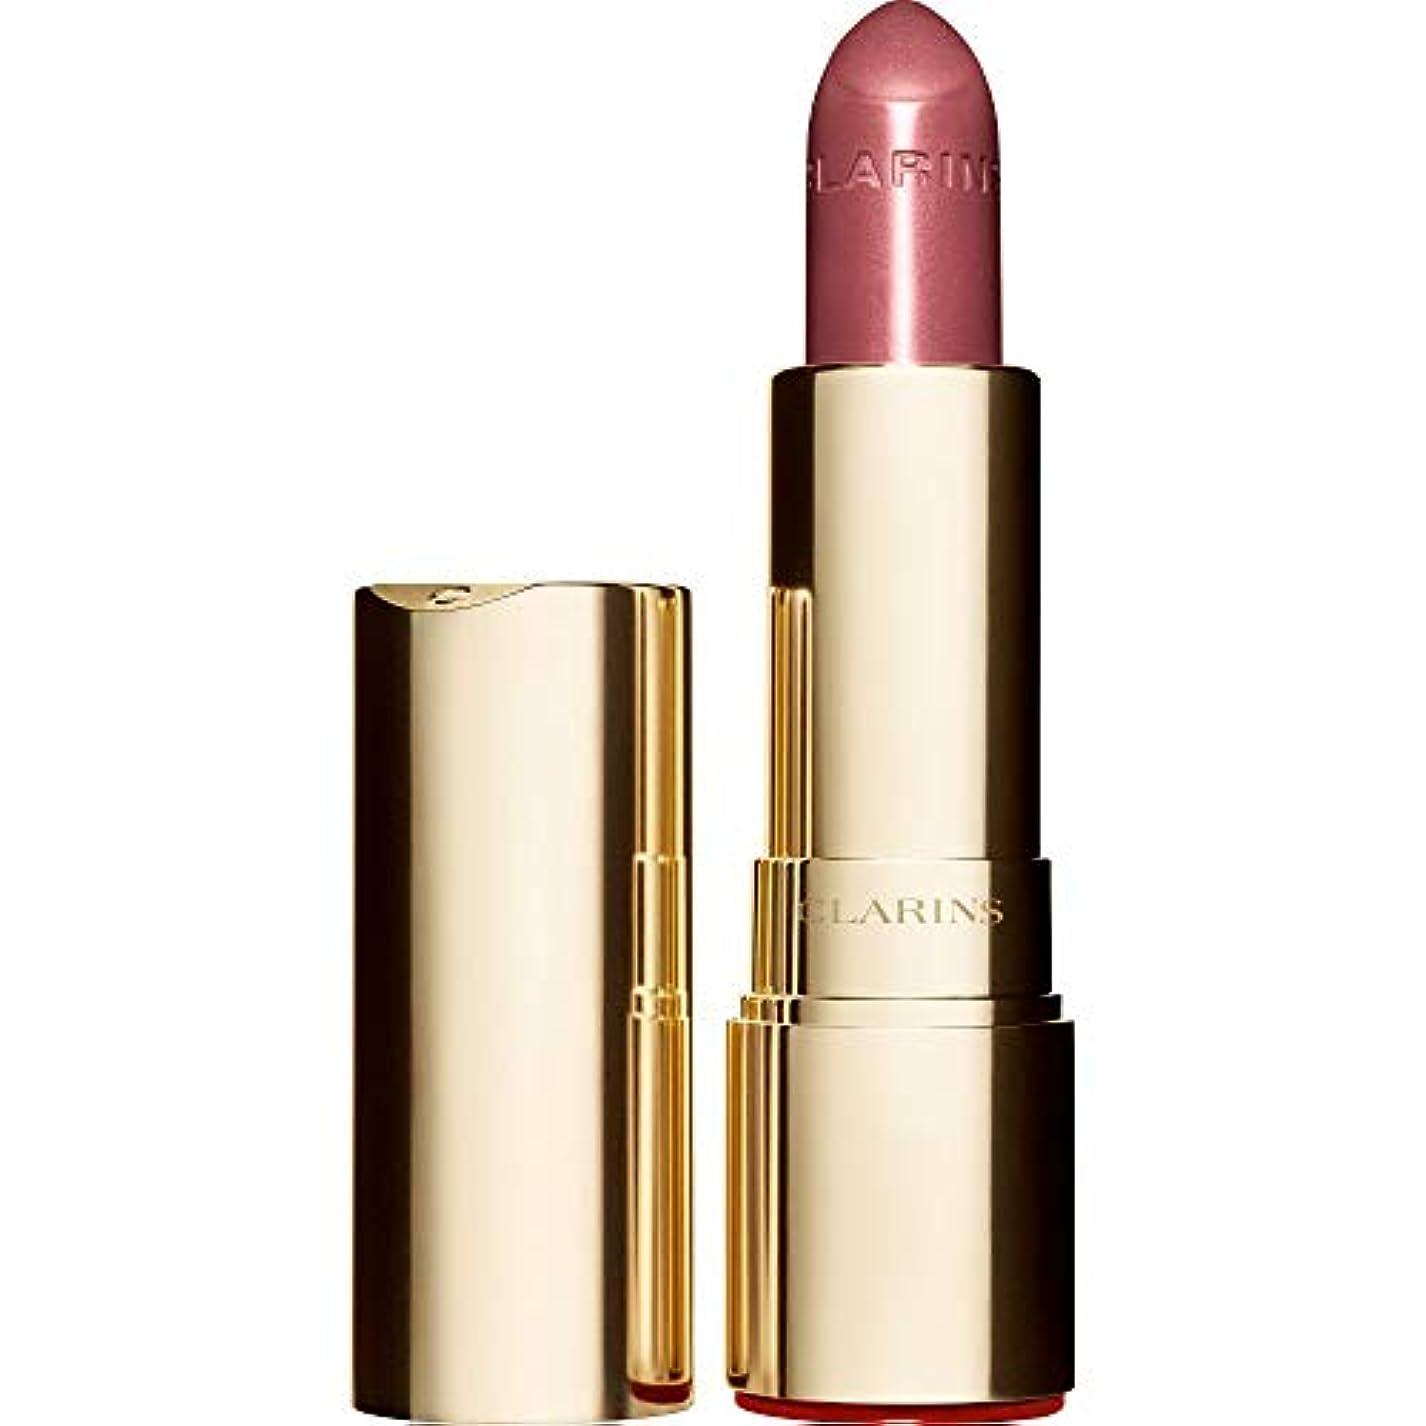 嫌がる銛レッスン[Clarins ] クラランスジョリルージュブリリアント口紅3.5グラムの731Sは、 - ベリーローズ - Clarins Joli Rouge Brillant Lipstick 3.5g 731S - Rose...